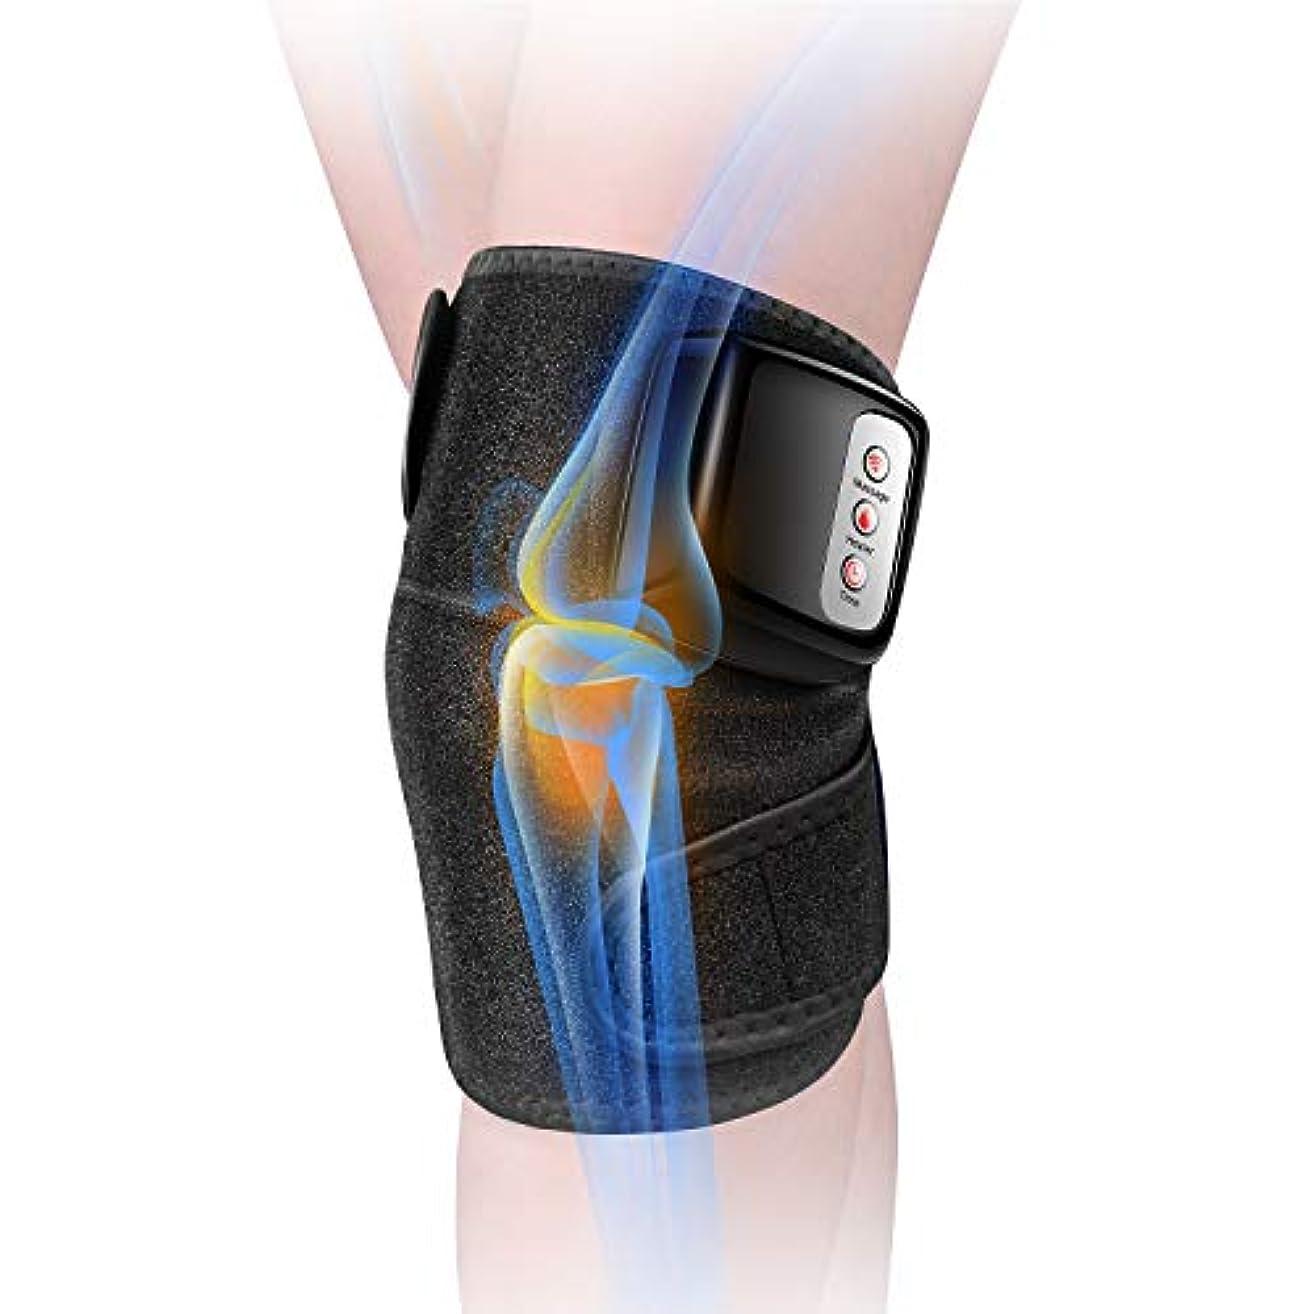 クリップ適度な反射膝マッサージャー 関節マッサージャー マッサージ器 フットマッサージャー 振動 赤外線療法 温熱療法 膝サポーター ストレス解消 肩 太もも/腕対応